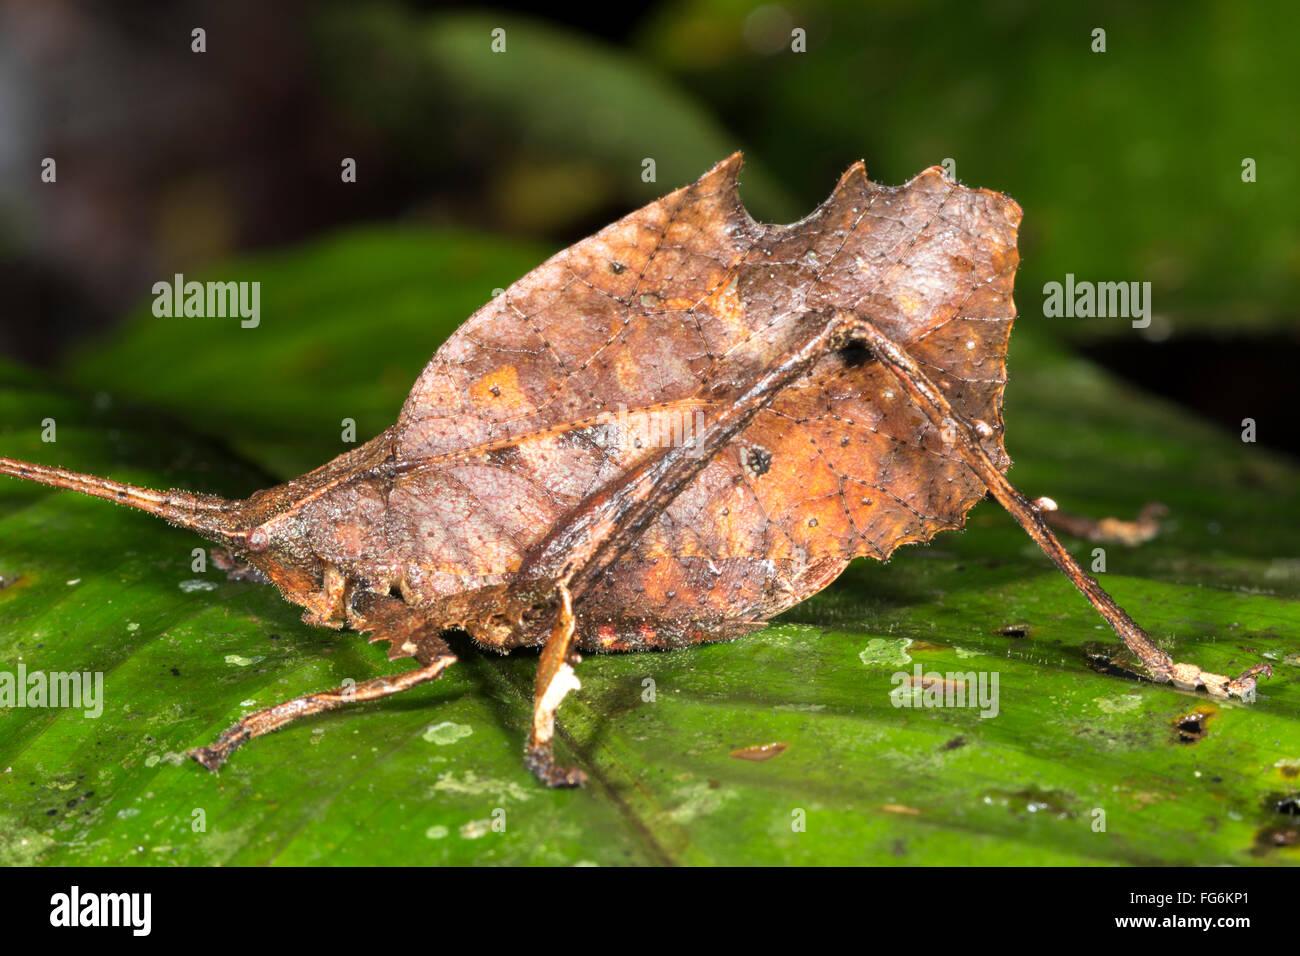 Leaf mimischen Grashuepfer (Typhophyllum SP. Familie Tettigoniidae) sitzt auf einem Blatt im Regenwald Unterwuchs, Stockbild